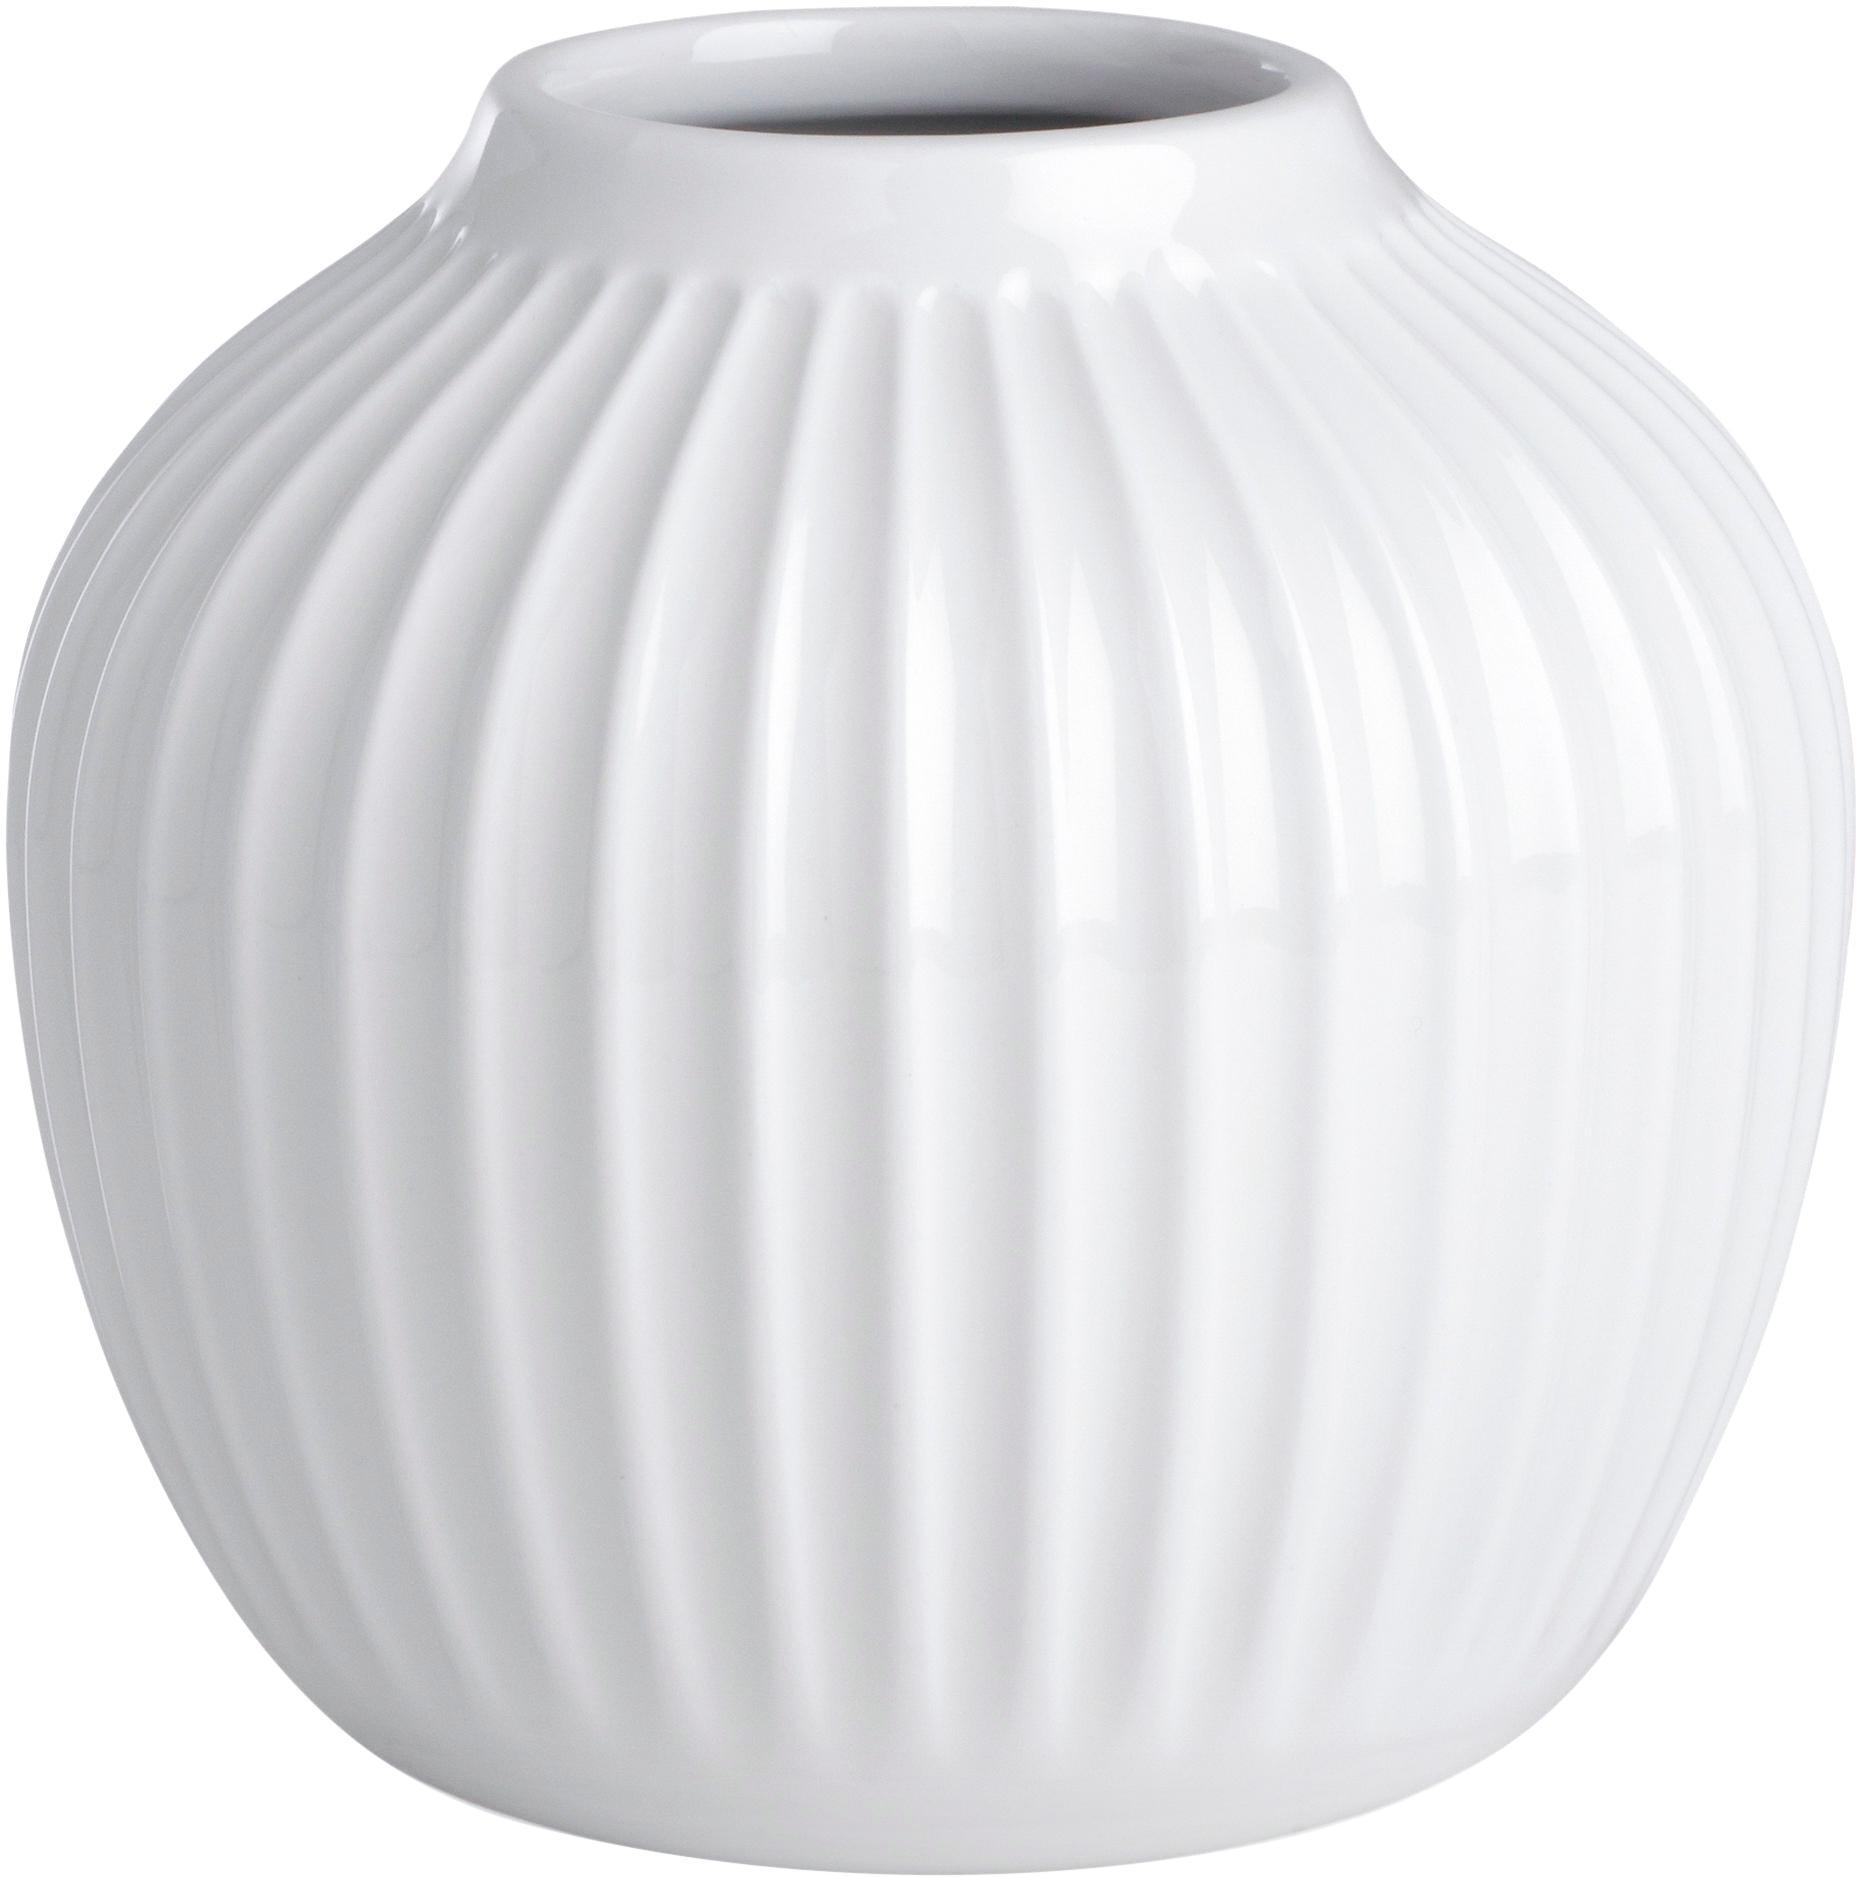 Kleine handgefertigte Design-Vase HammershØi, Porzellan, Weiss, Ø 14 x H 13 cm